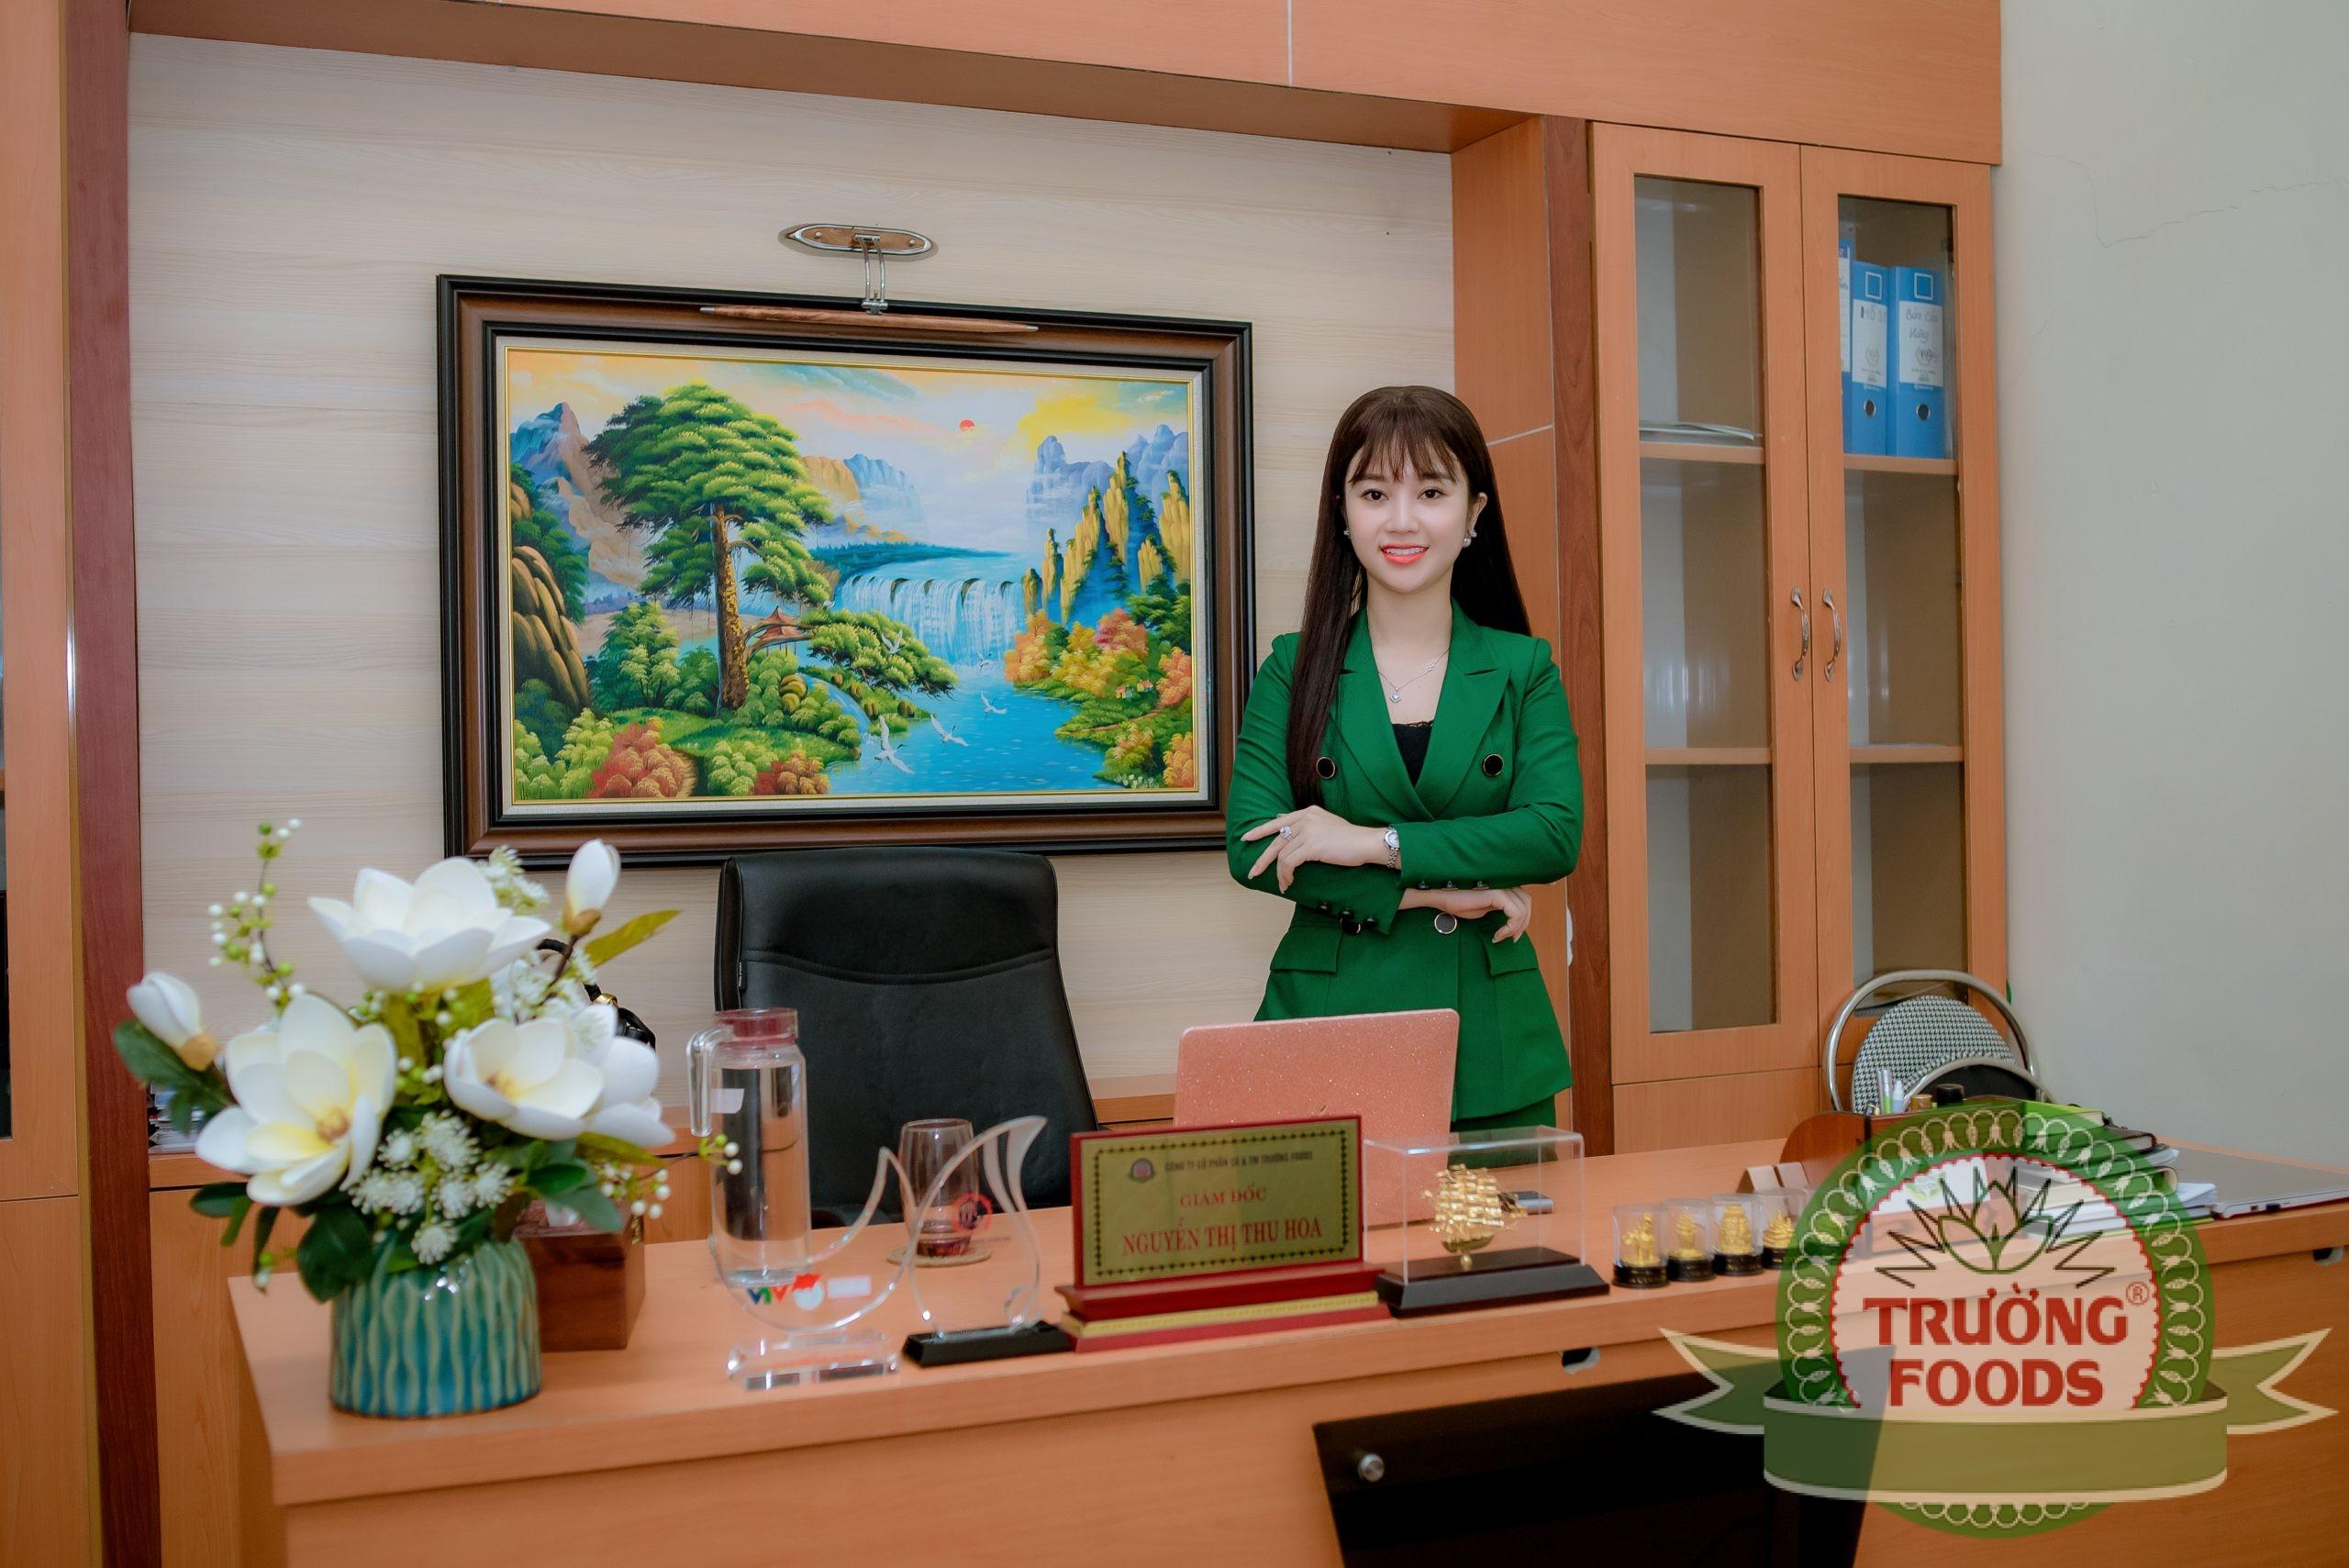 Nguyễn Thị Thu Hoa – Giám đốc Công ty Cổ phần sản xuất và thương mại Trường Foods